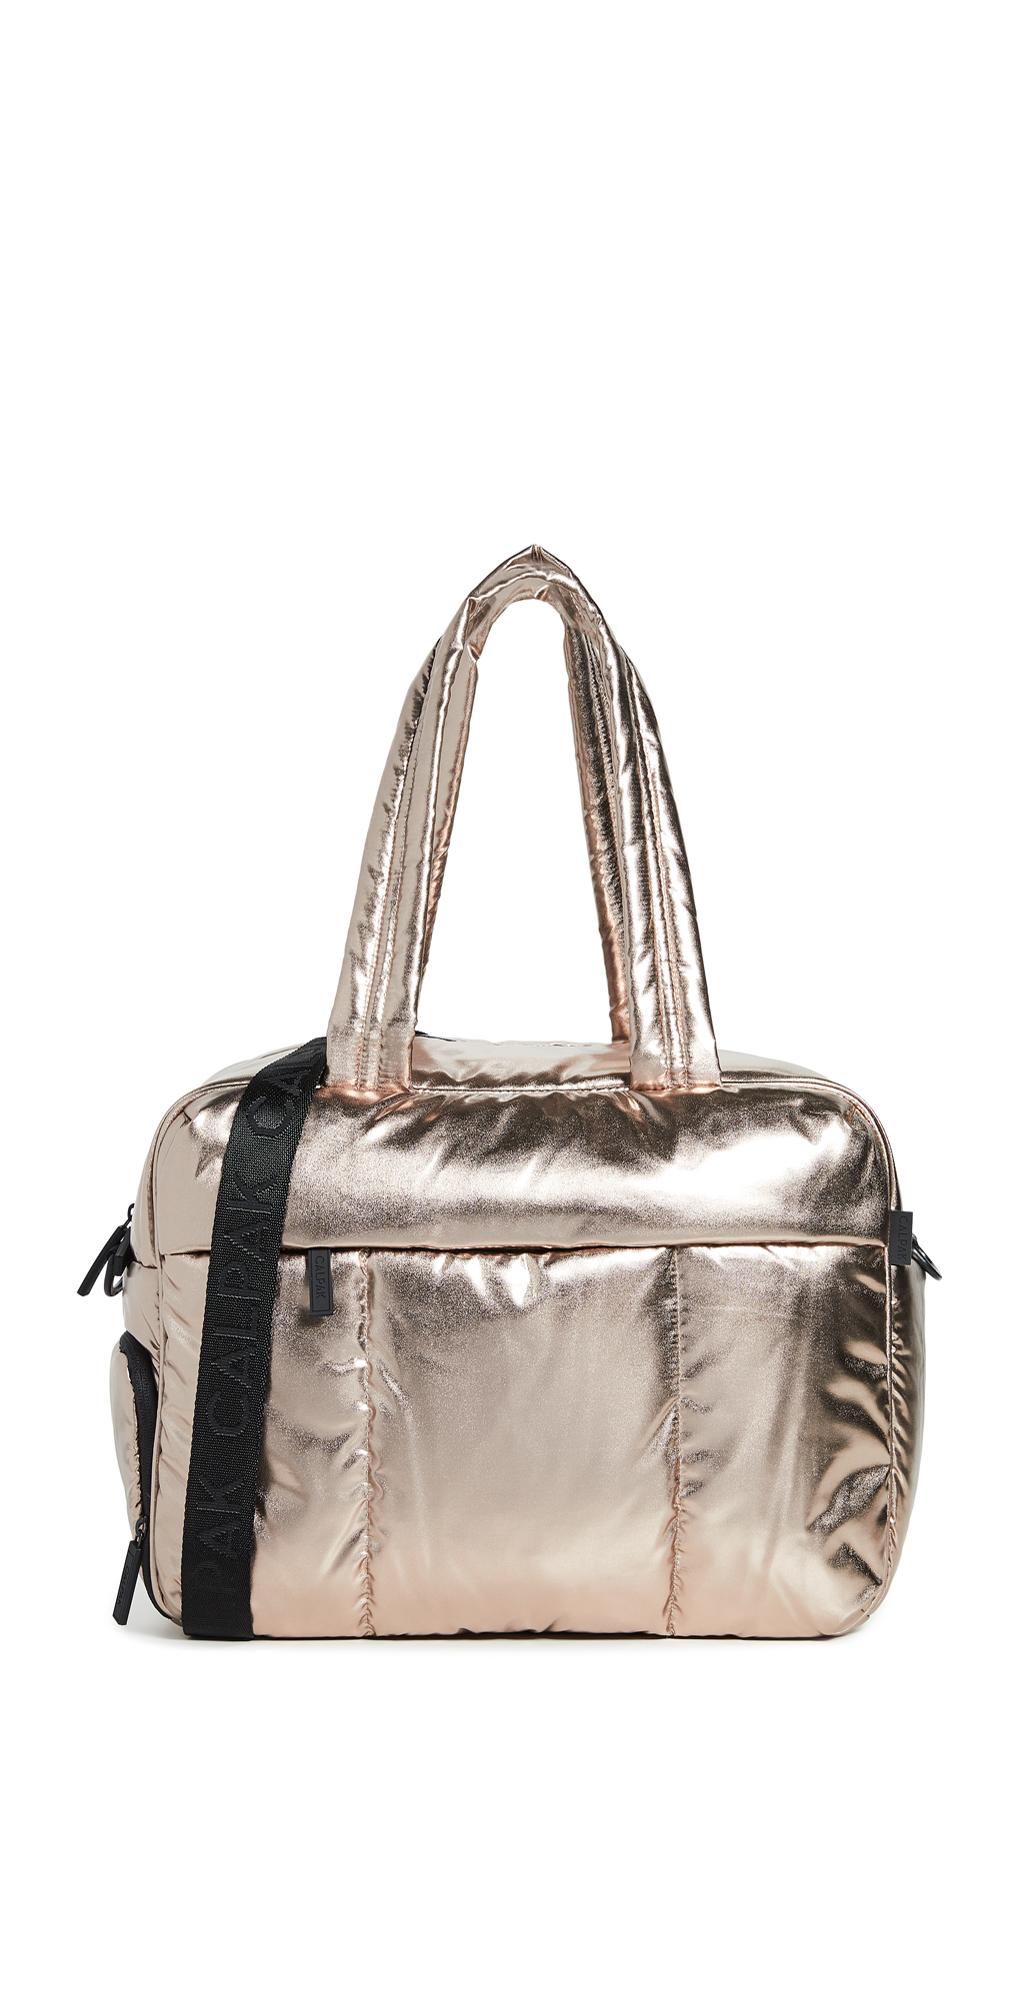 Softside Duffel Bag